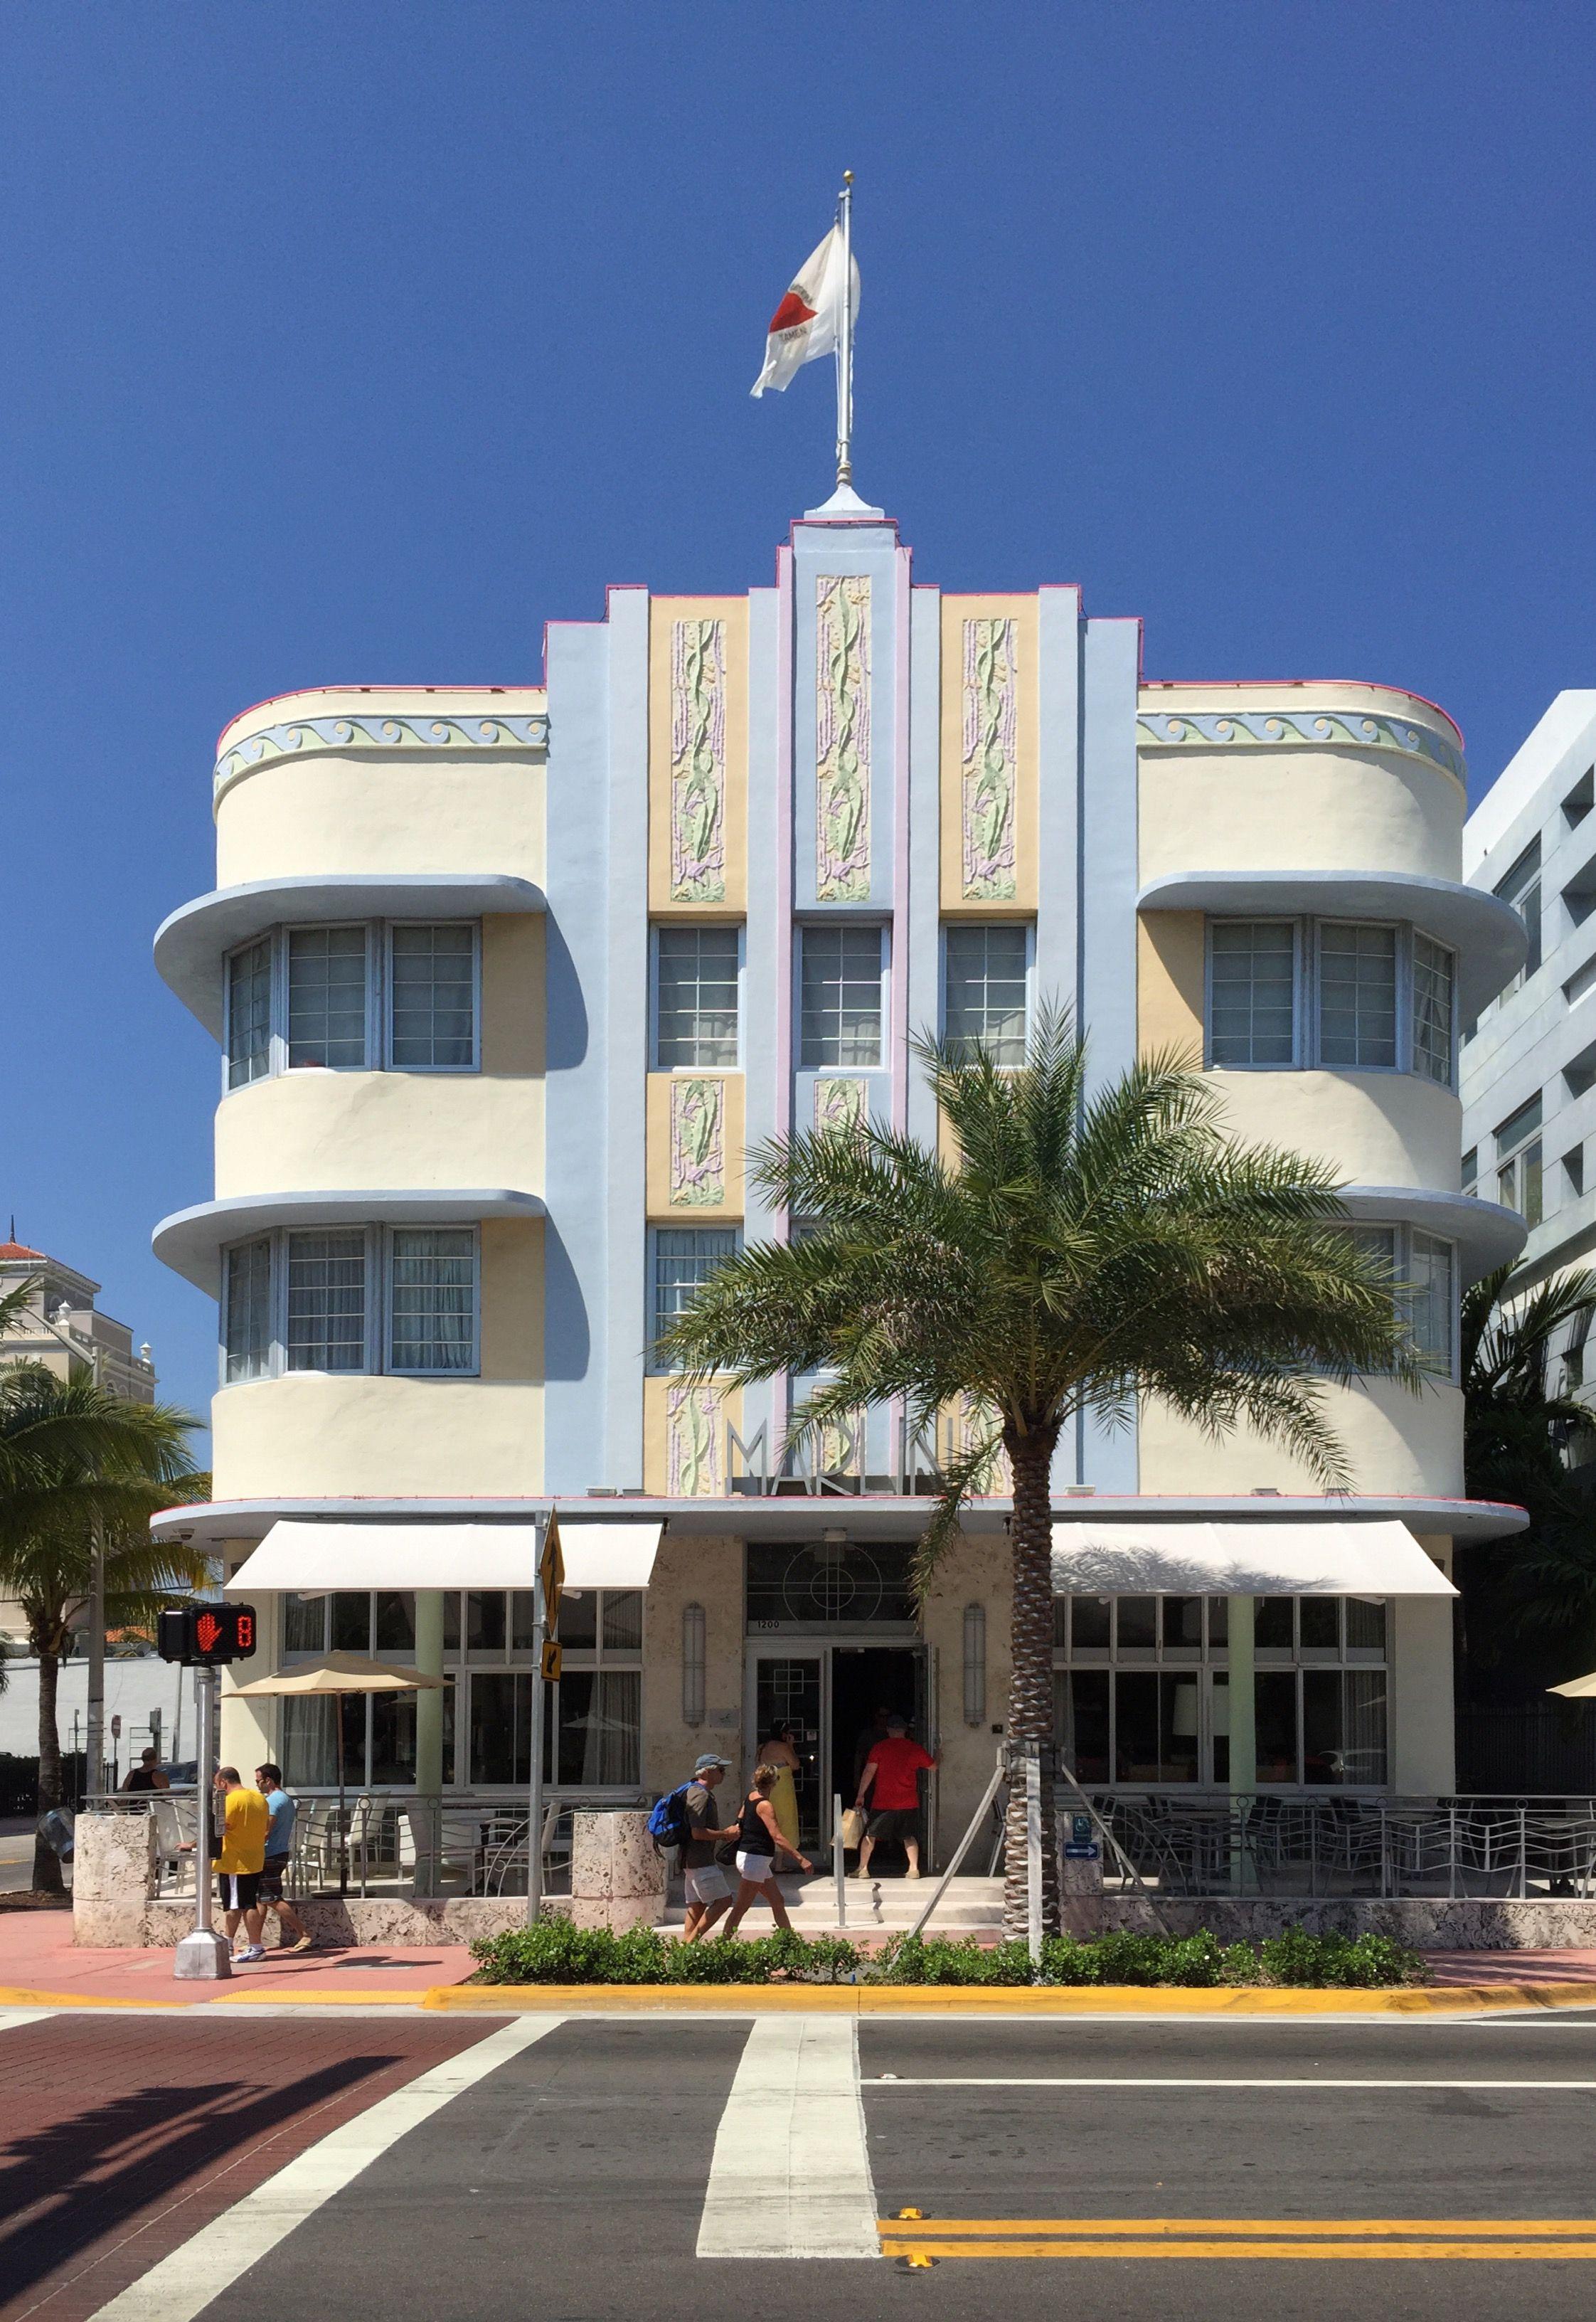 The Marlin Hotel Miami Beach Florida Usa Designed By Lawrence Murray Dixon 1939 L à Floride E U Dessiné Par